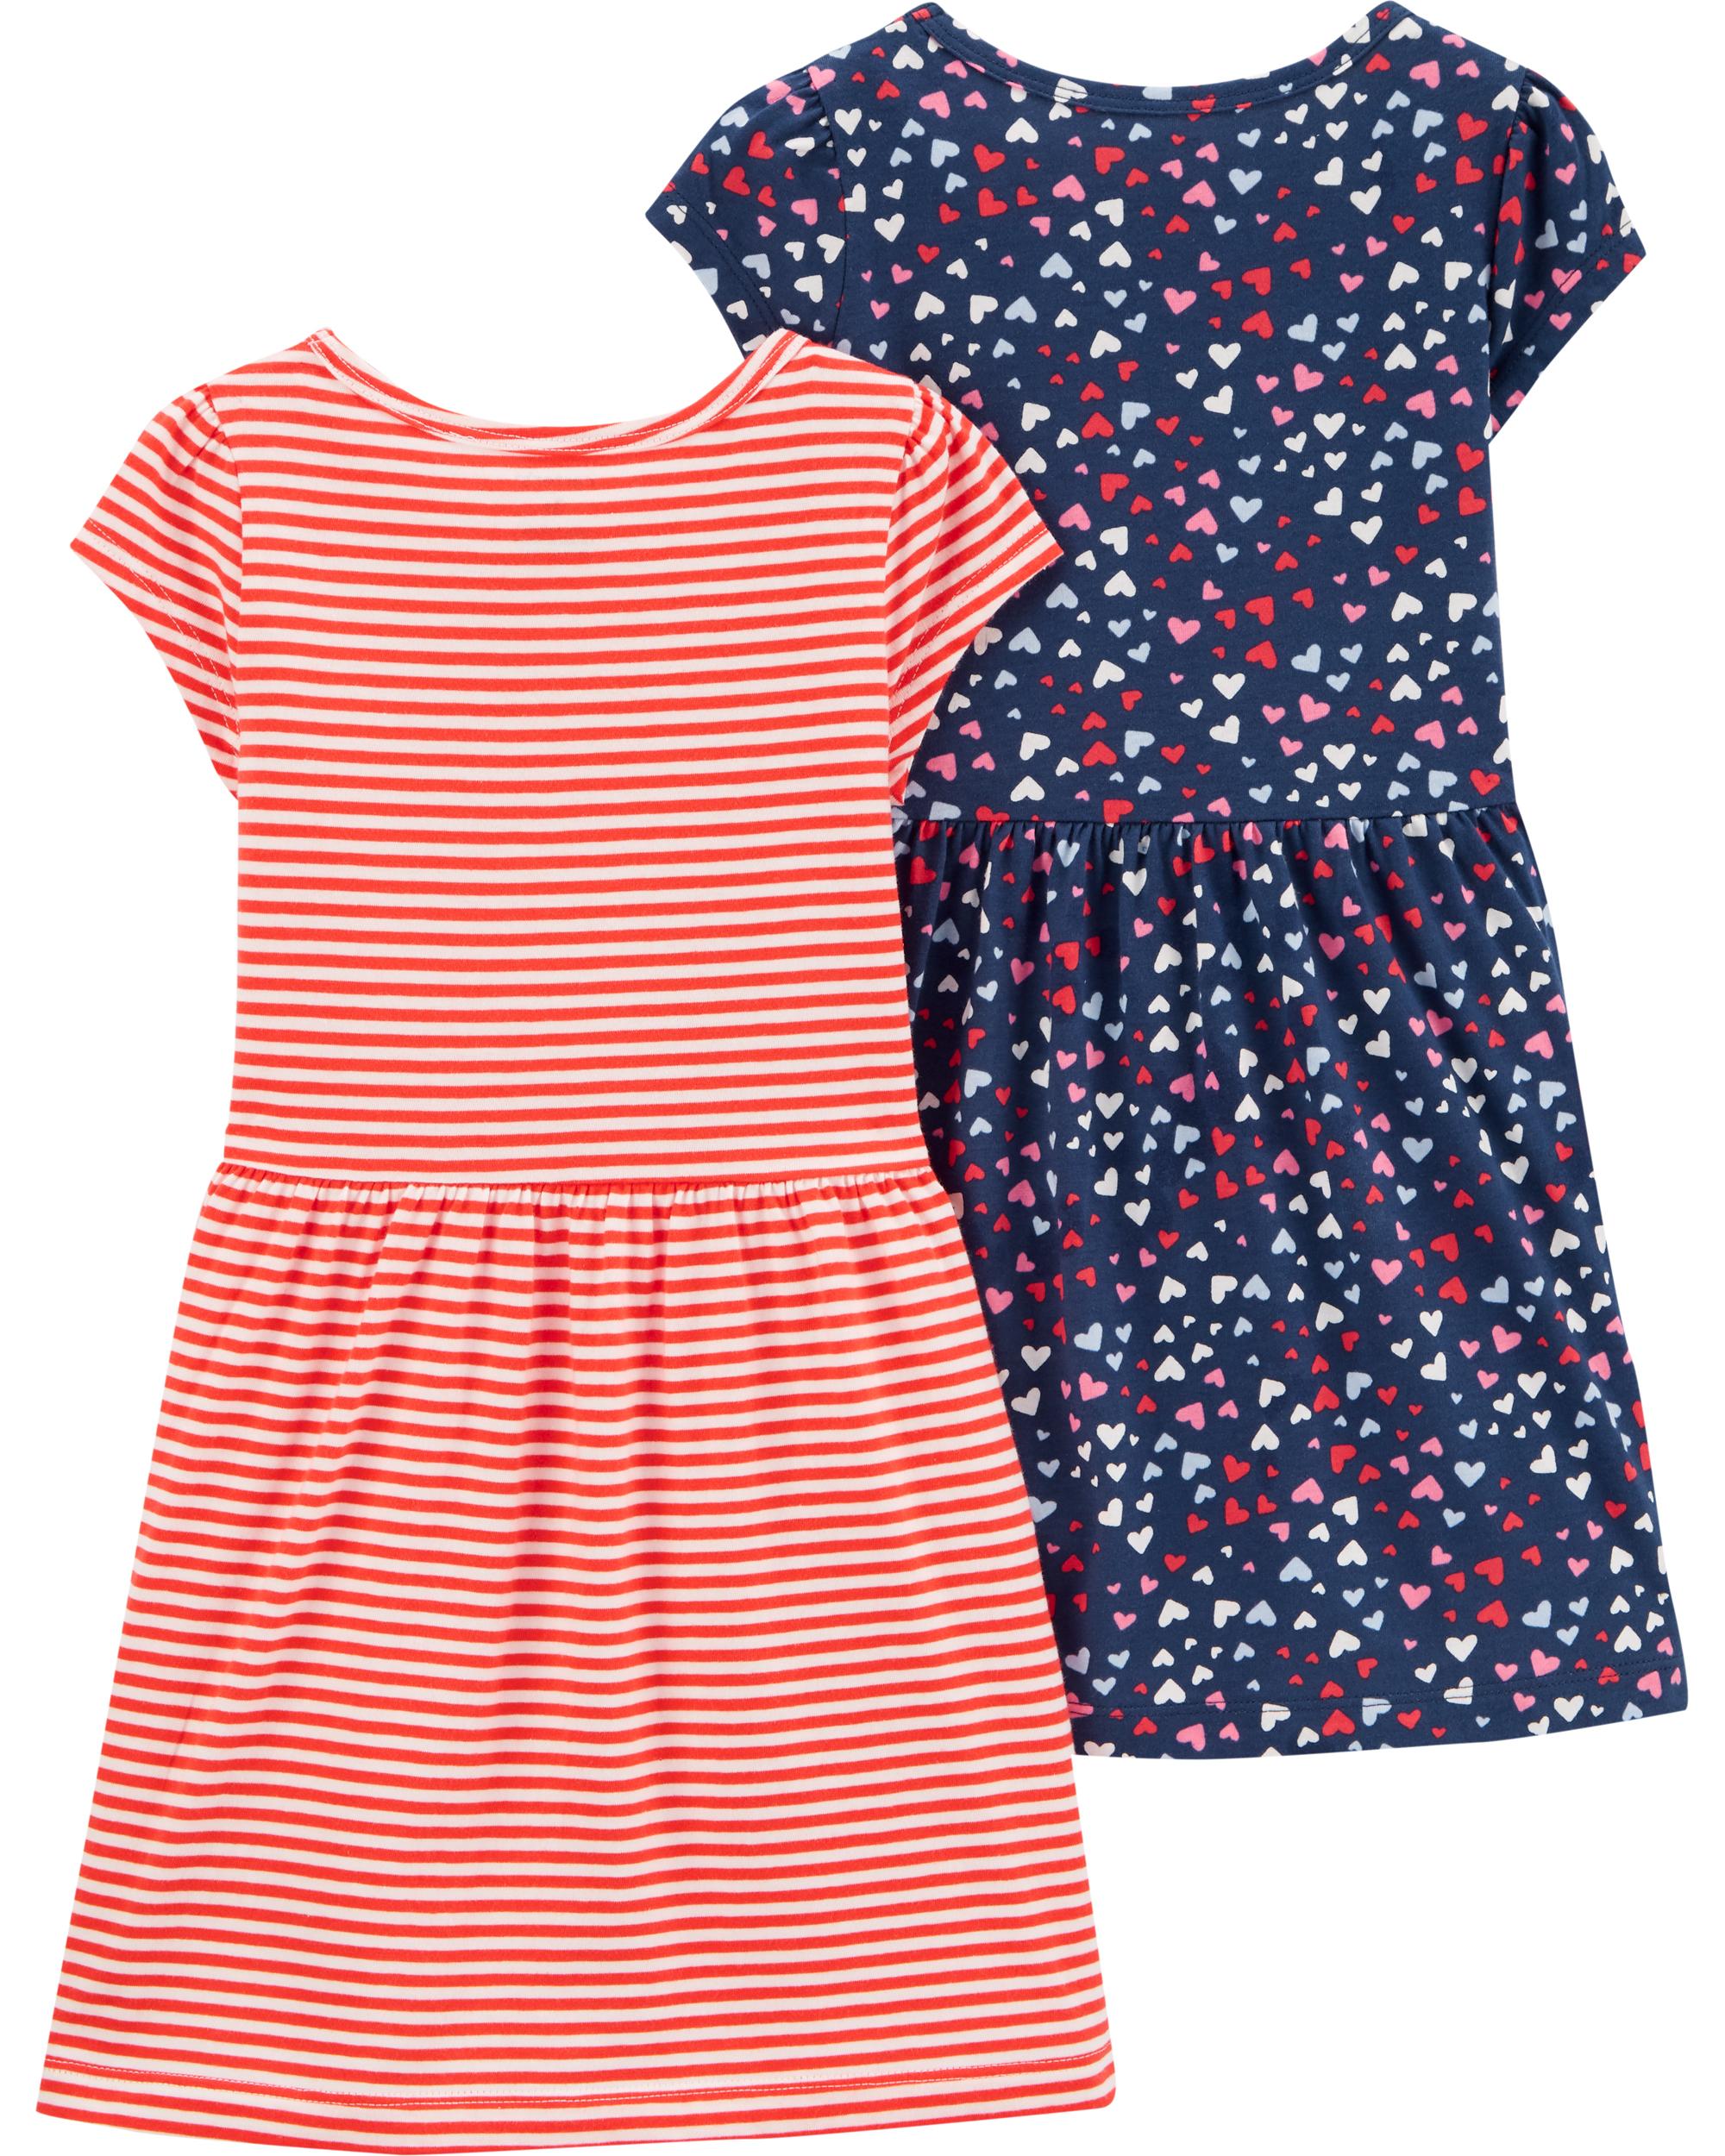 זוג שמלות מודפס/פסים